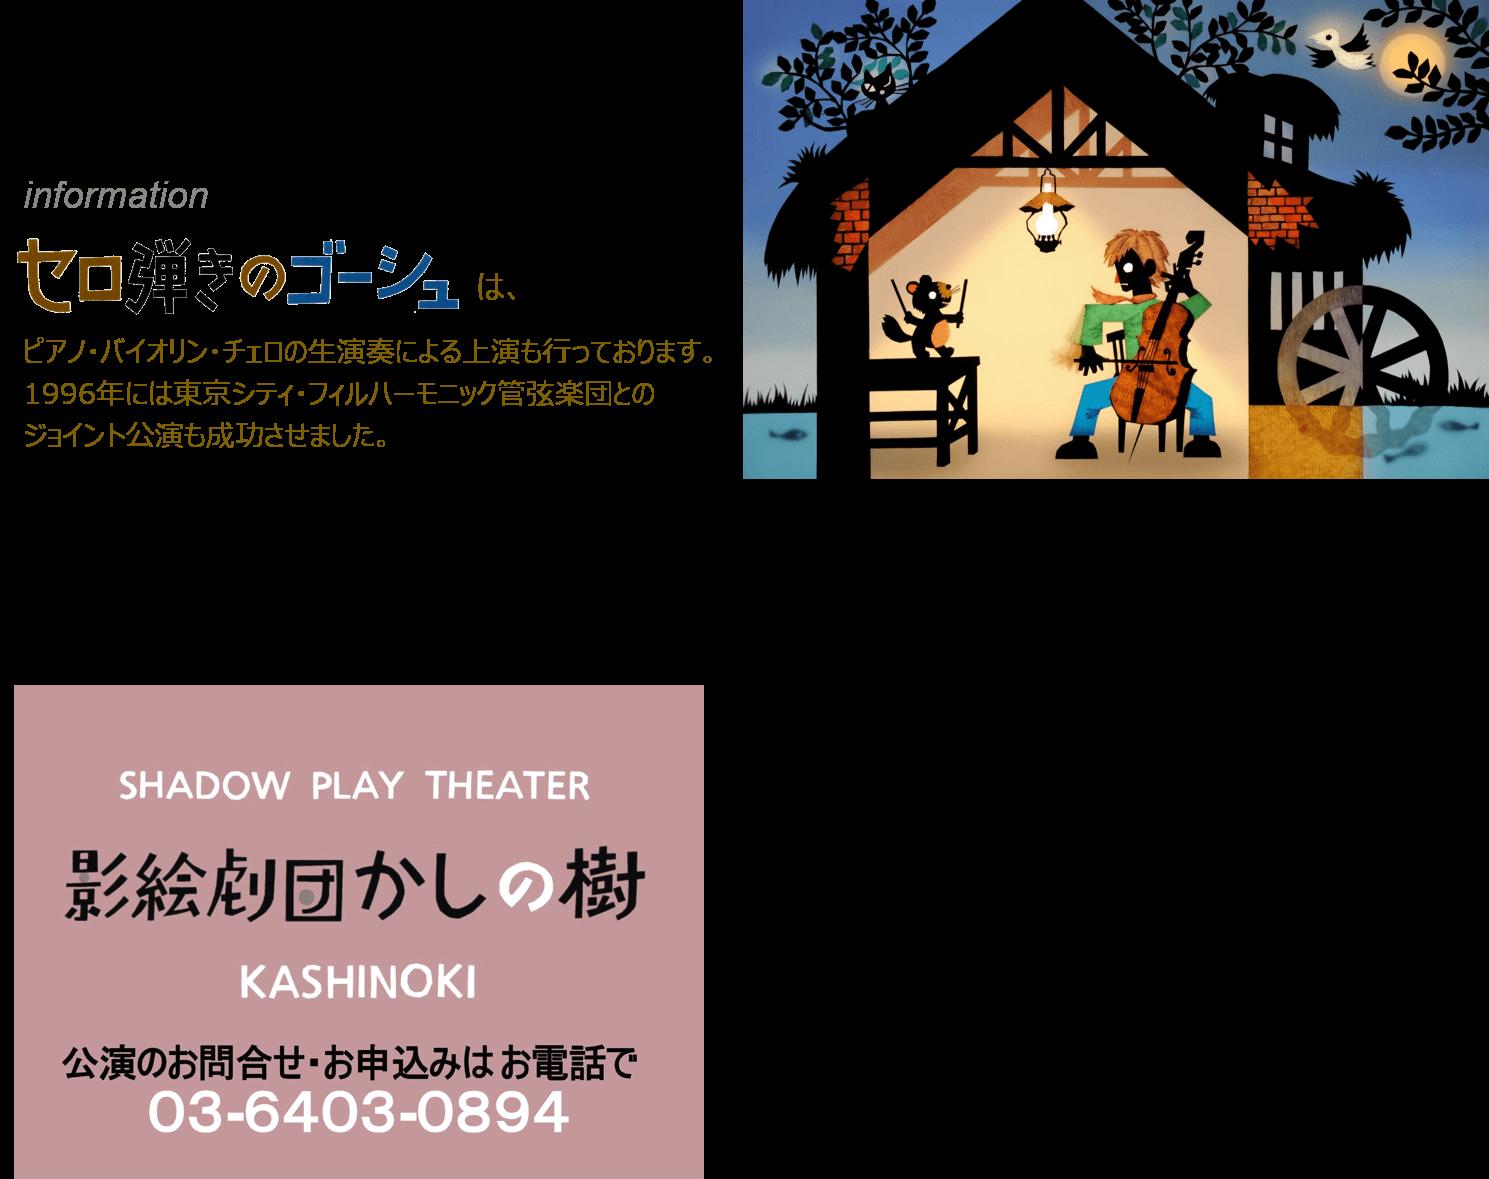 6演目 セロ弾きのゴーシュ インフォメーション (1)